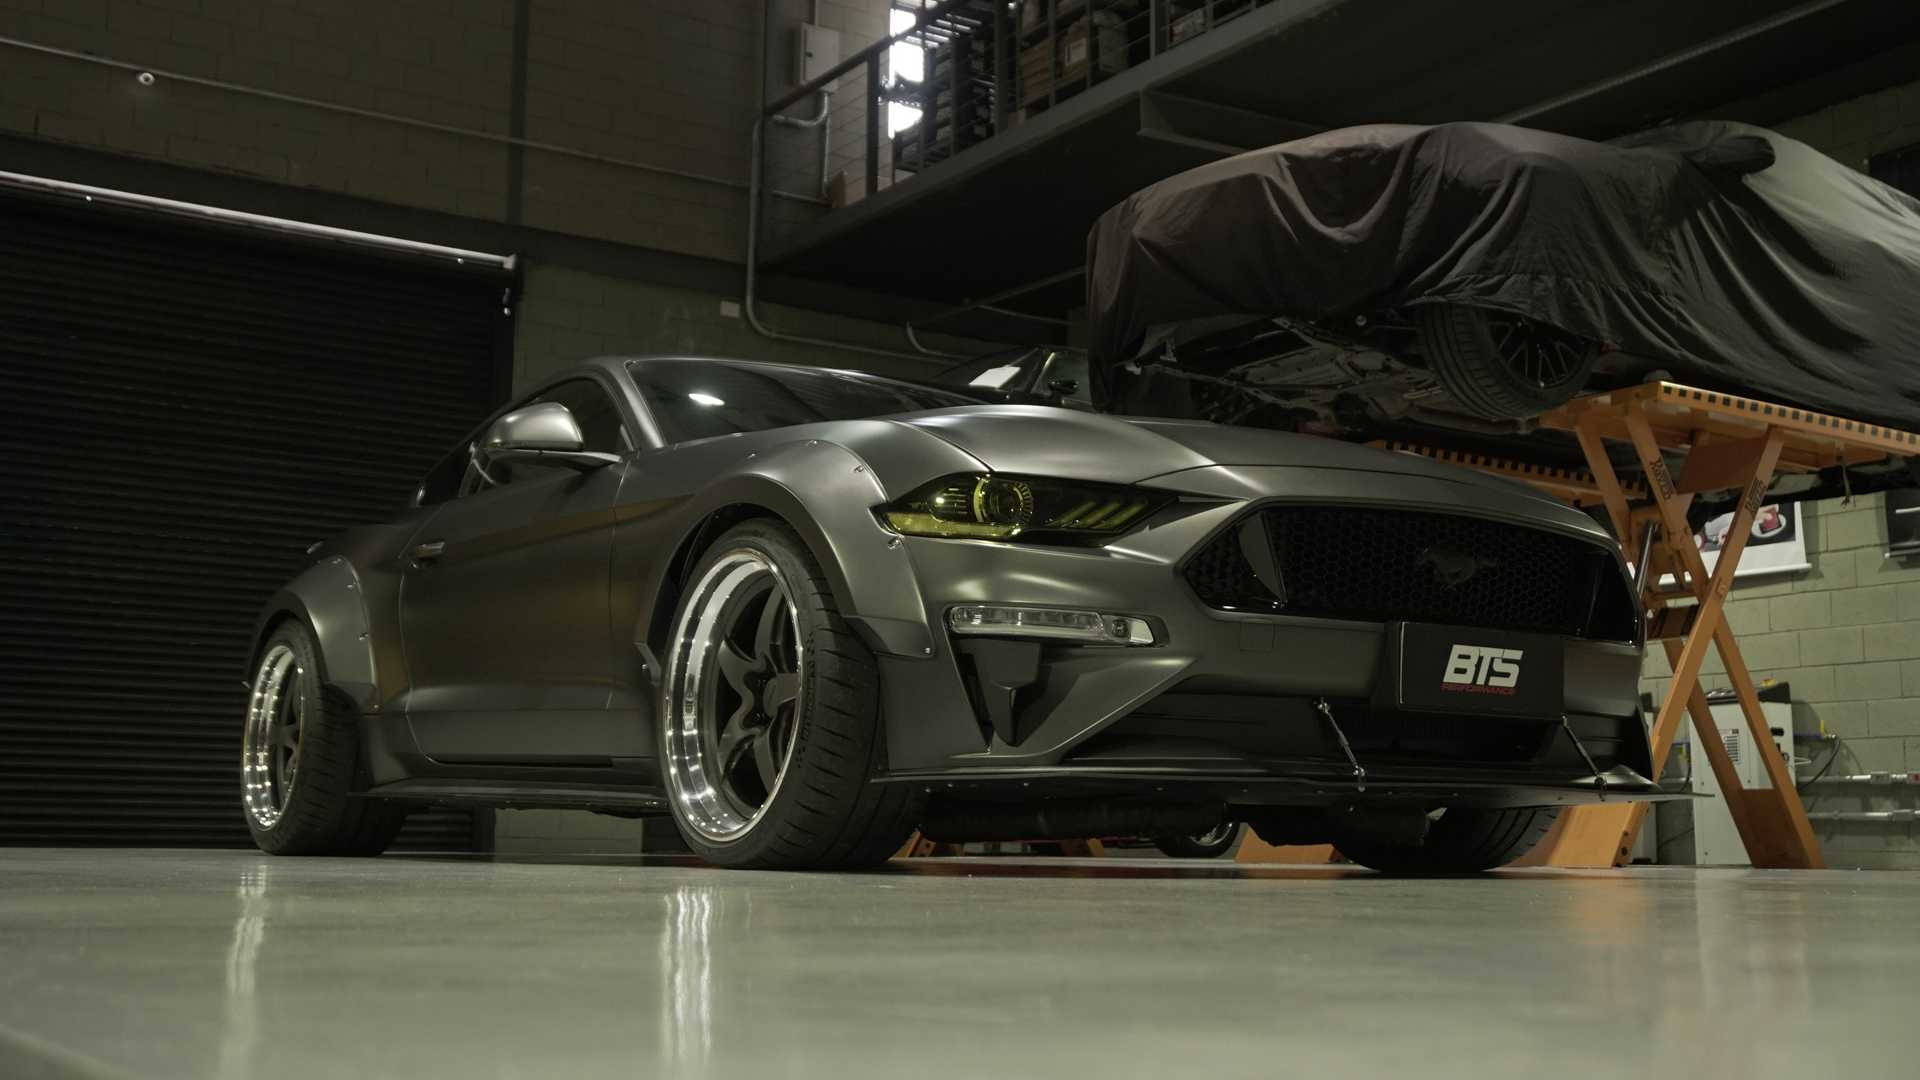 Mustang 1000 BTS